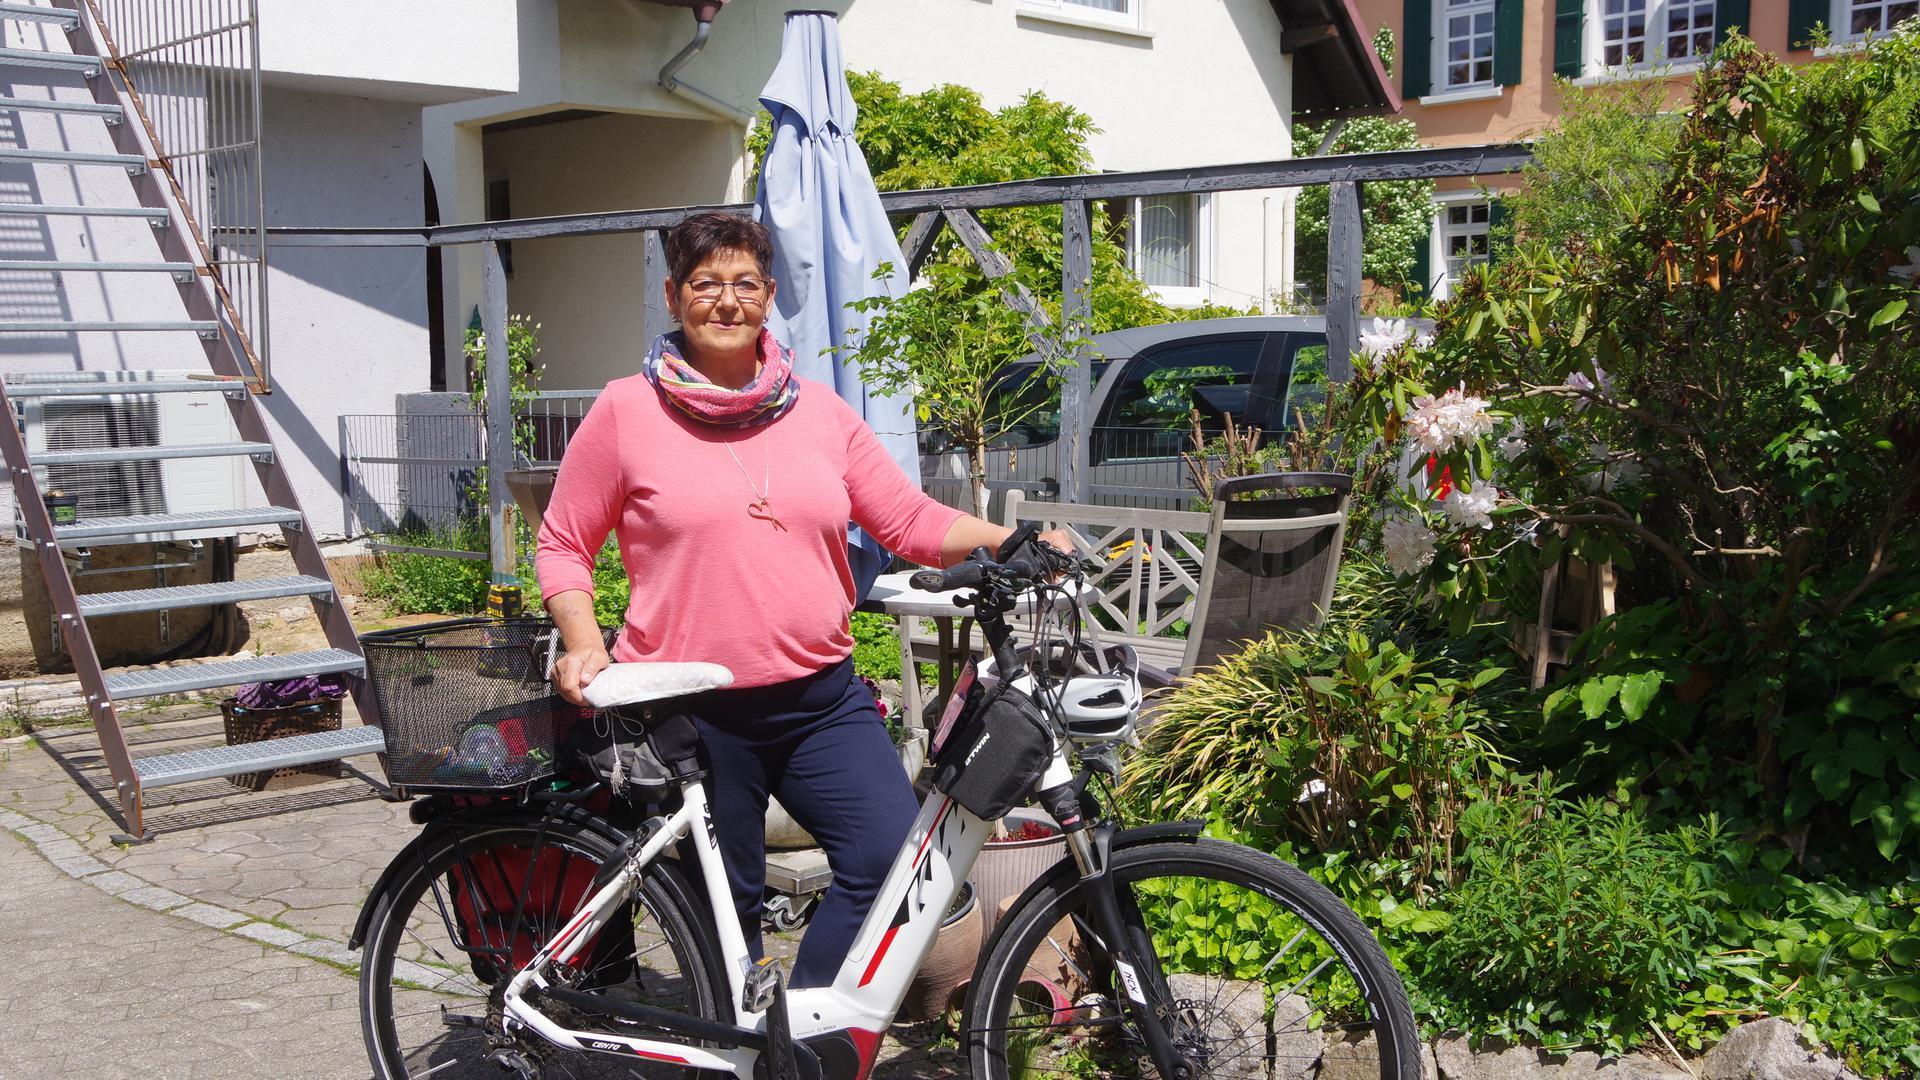 Nierentransplantation - Sonja Müller  Lebensmotivation ist das Fahrrad.